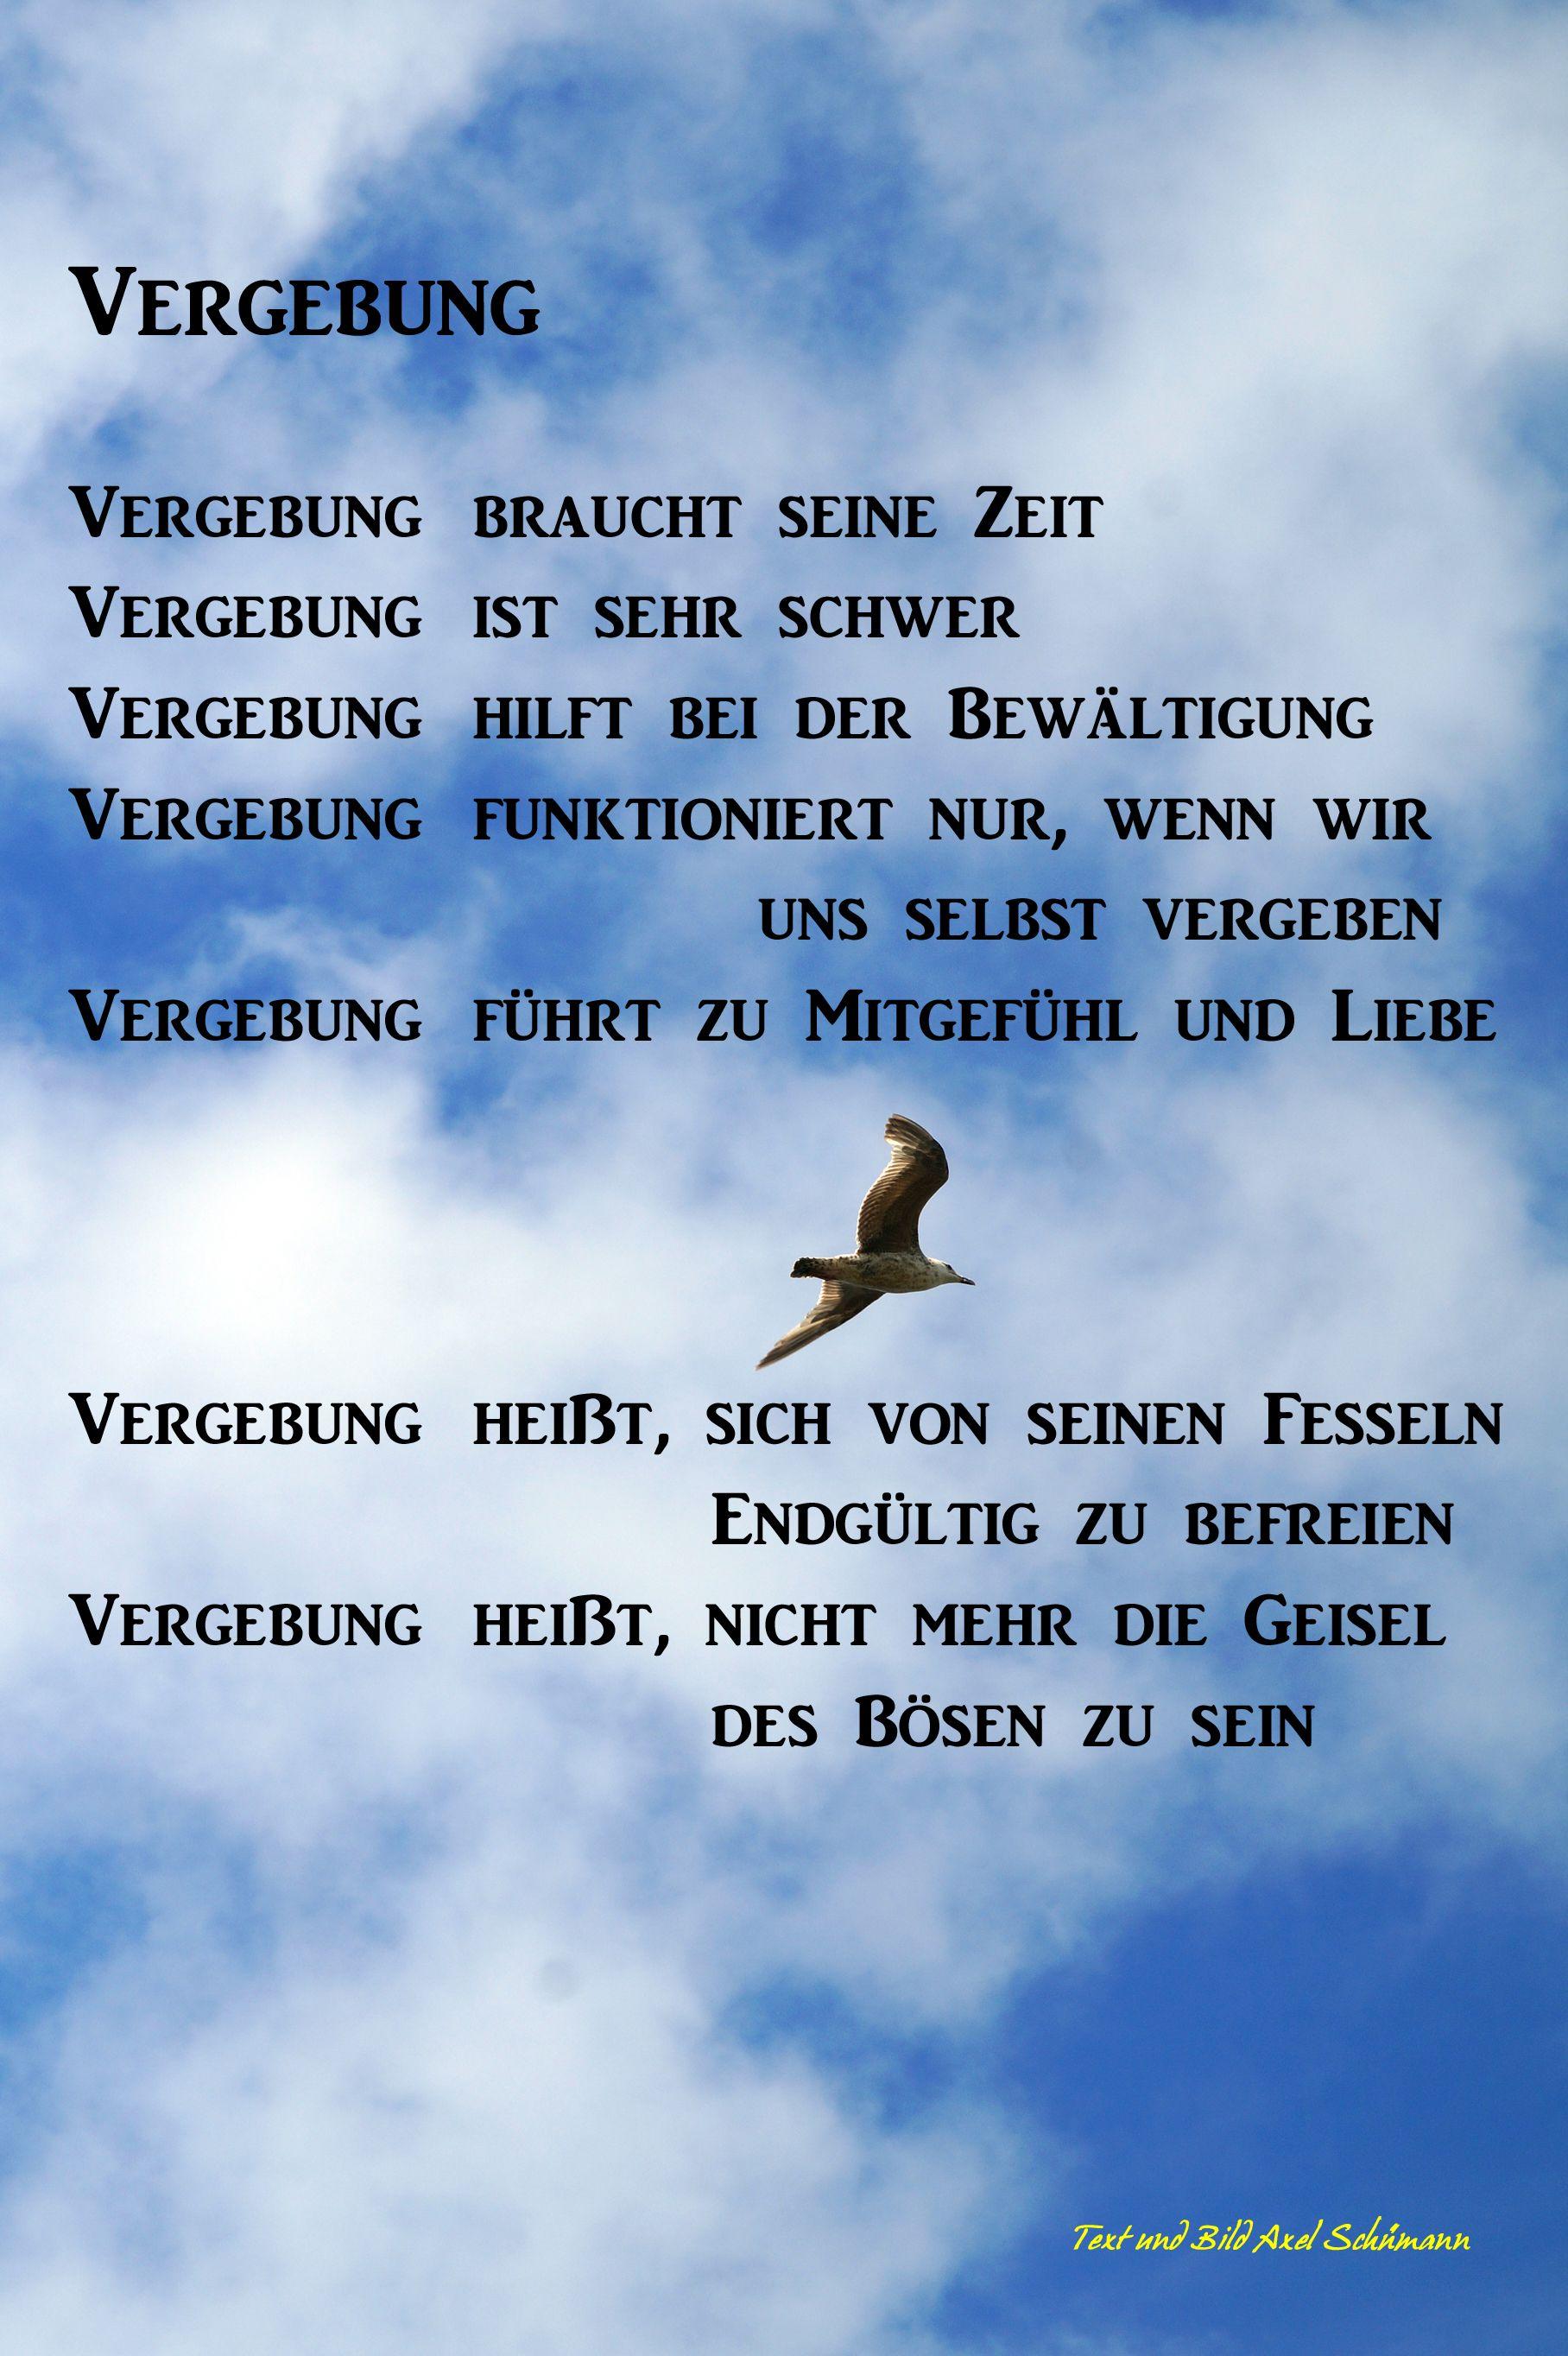 vergebung sprüche VERGEBUNG. Text und Bild von Axel Schümann | Sprüche, Zitate  vergebung sprüche